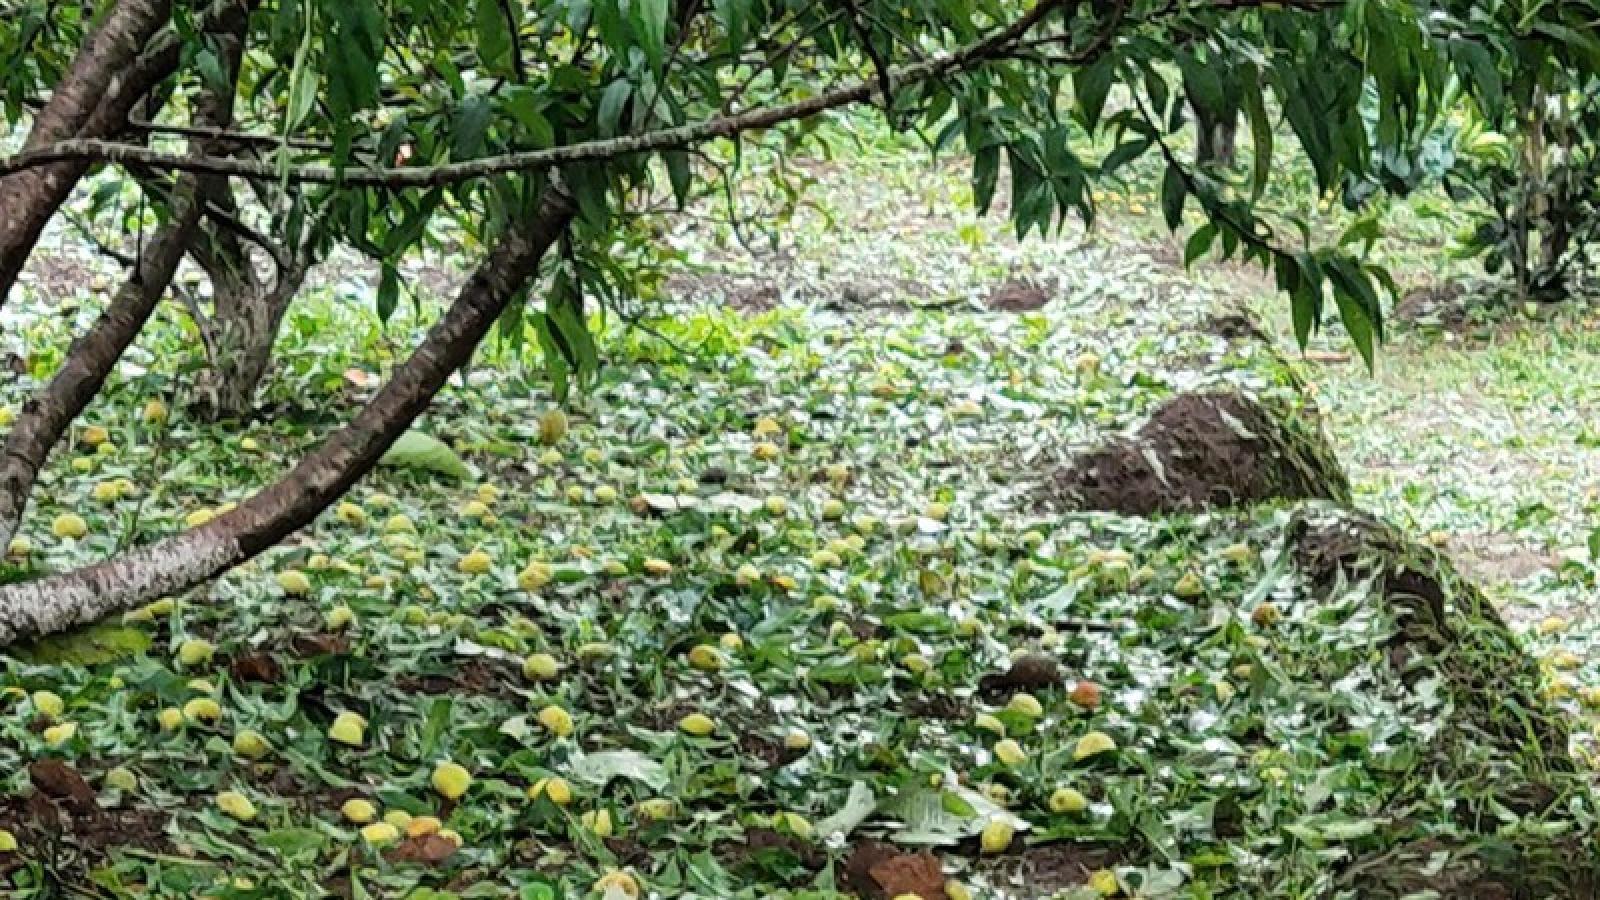 Lại xảy ra mưa đá, gió lốc tại Lai Châu gây thiệt hại nặng nề